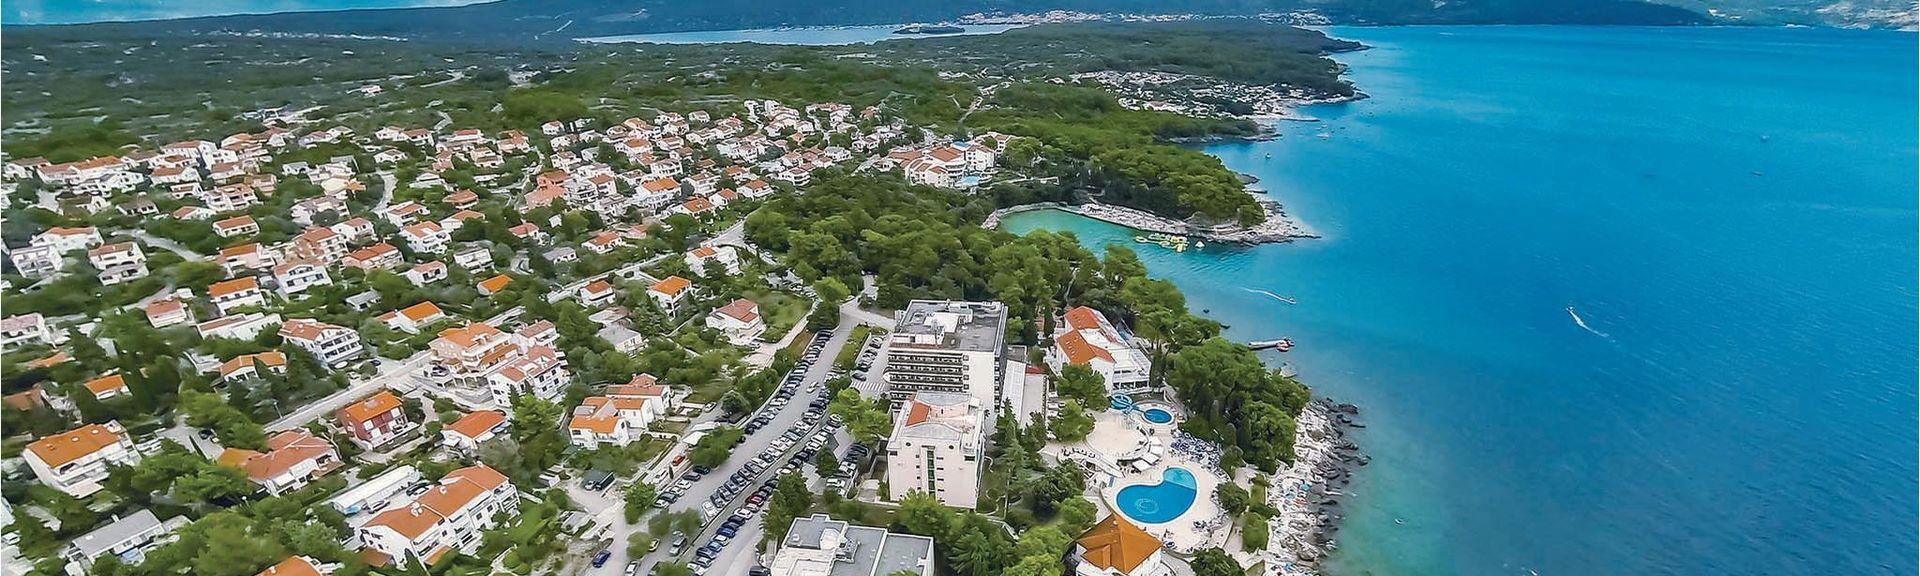 Kraljevica, Primorje-Gorski Kotar, Kroatien